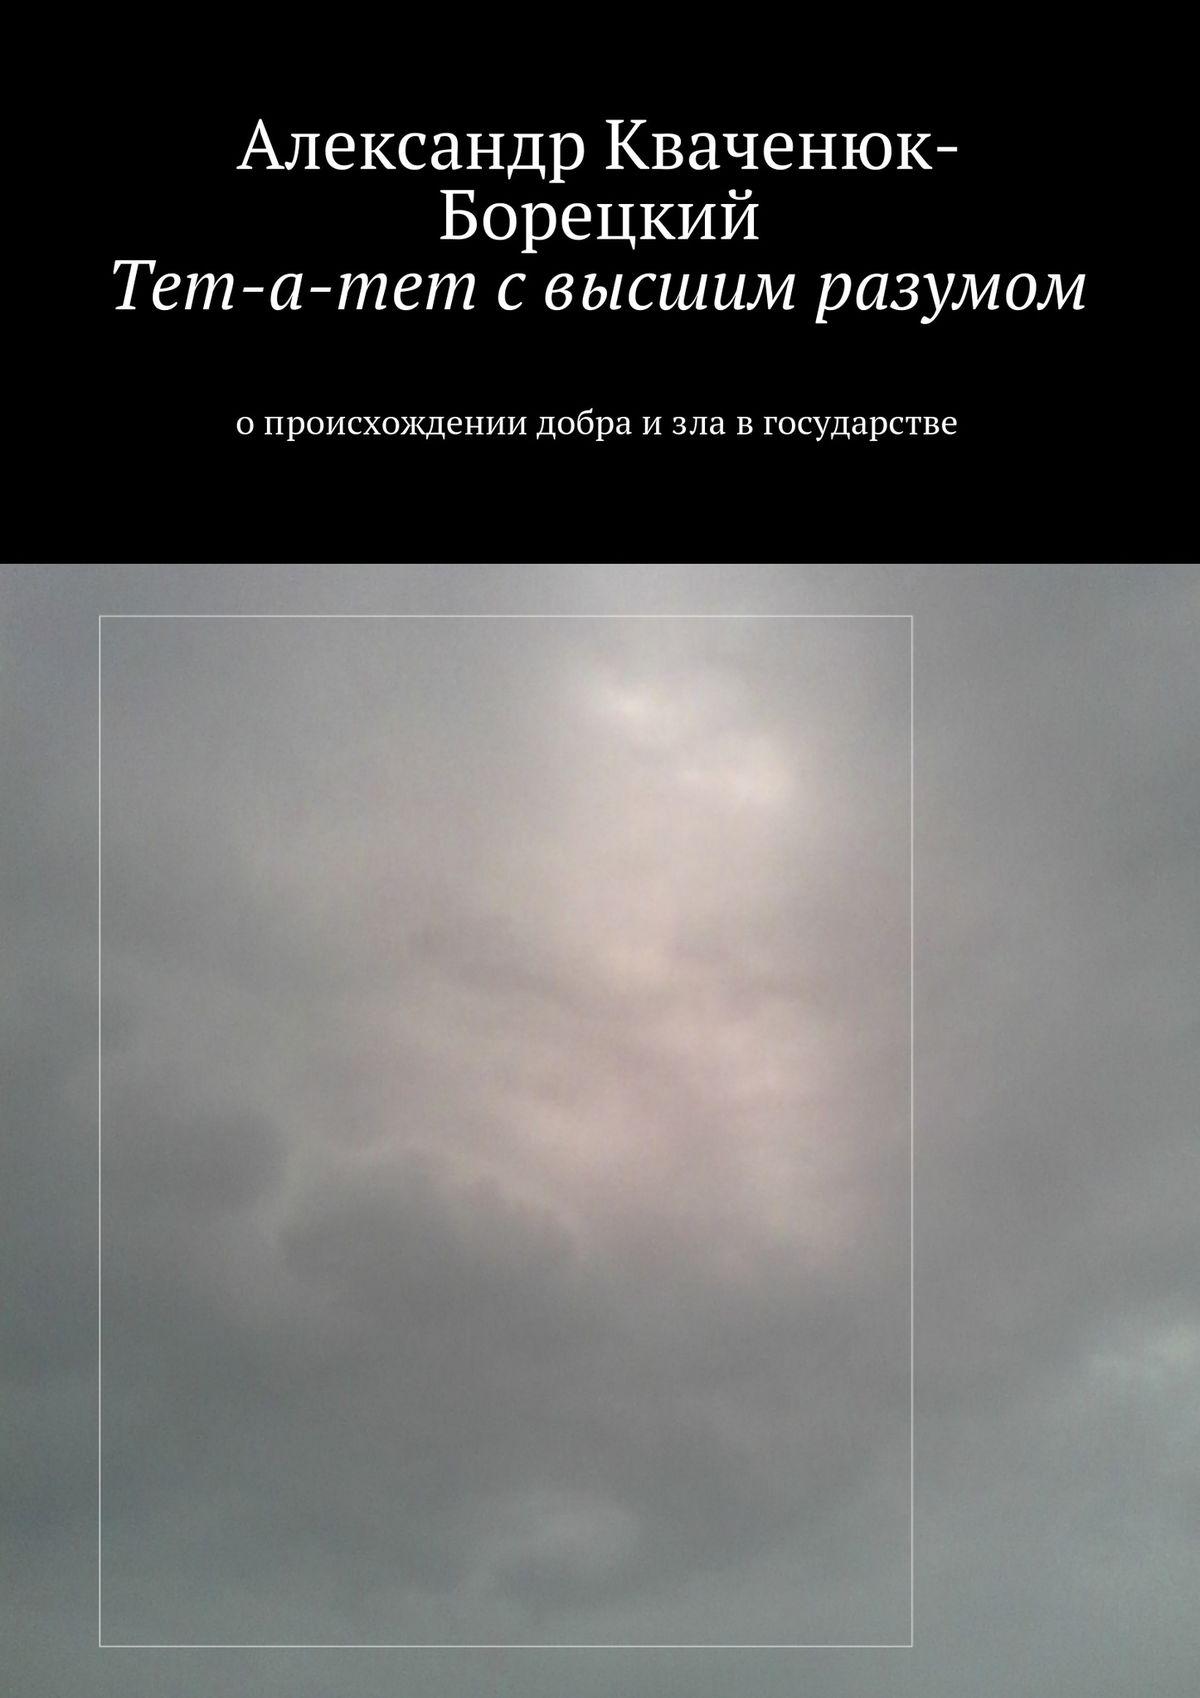 Александр Кваченюк-Борецкий Тет-а-тет свысшим разумом. опроисхождении добра изла вгосударстве